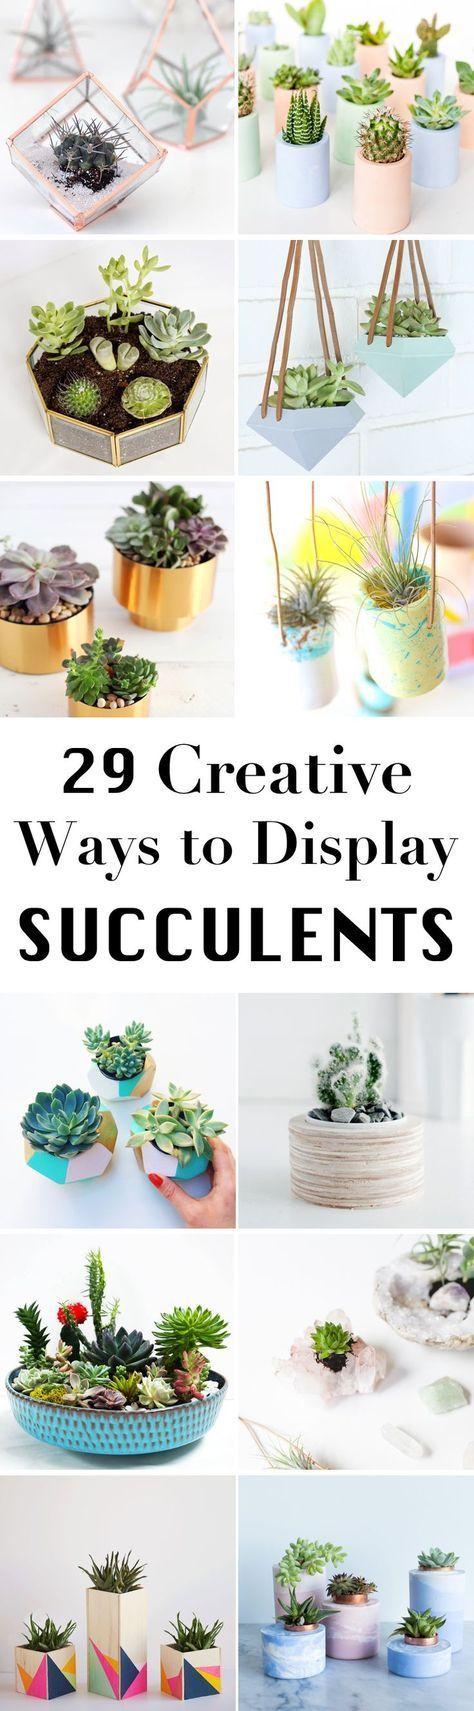 多汁植物非常适合装饰你的家。这里有29种可爱而轻松的DIY多汁植物的想法。学习如何展示你的植物!